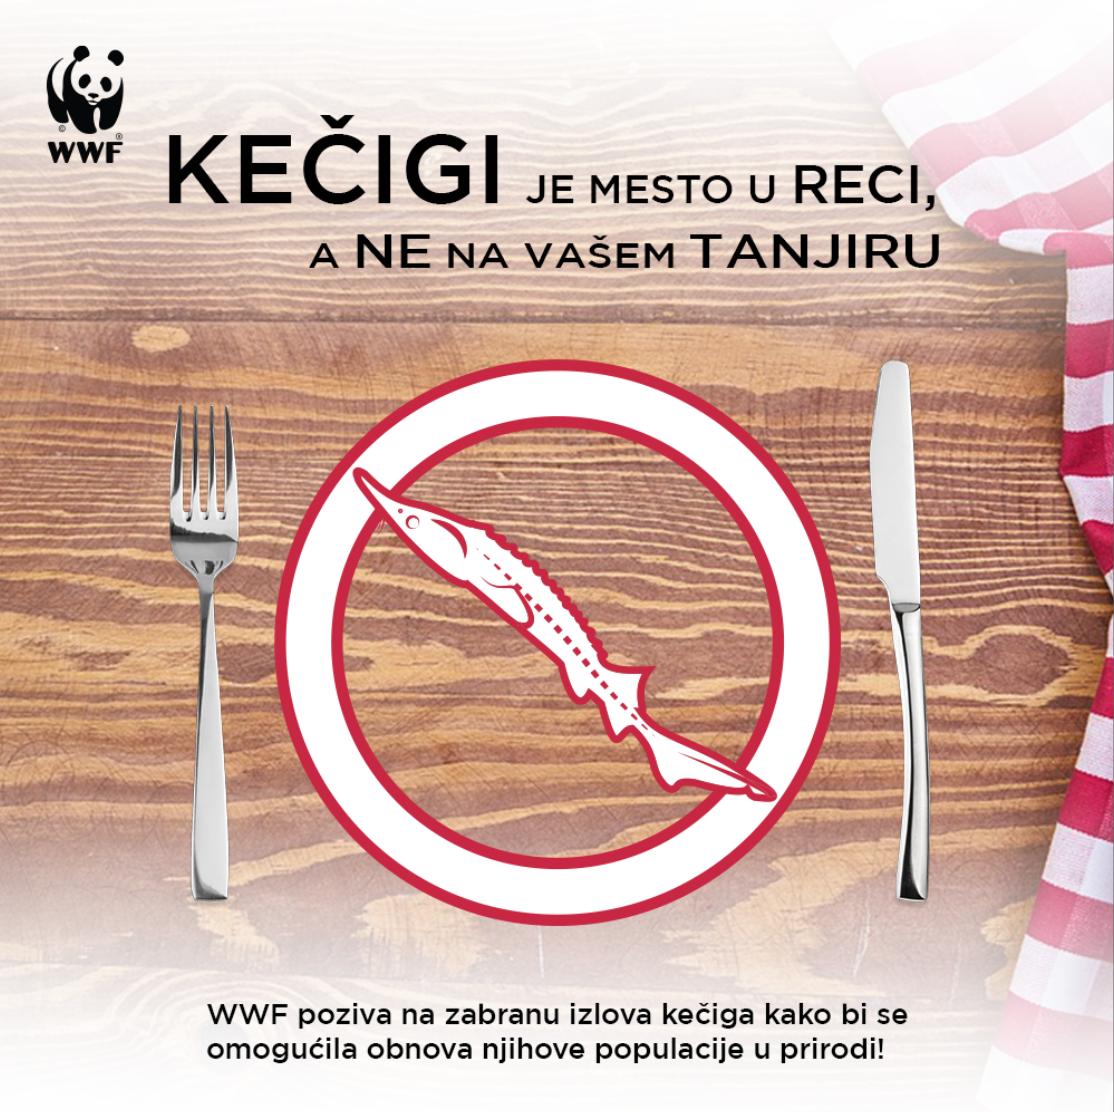 WWF traži zabranu izlova kečige na pet godina